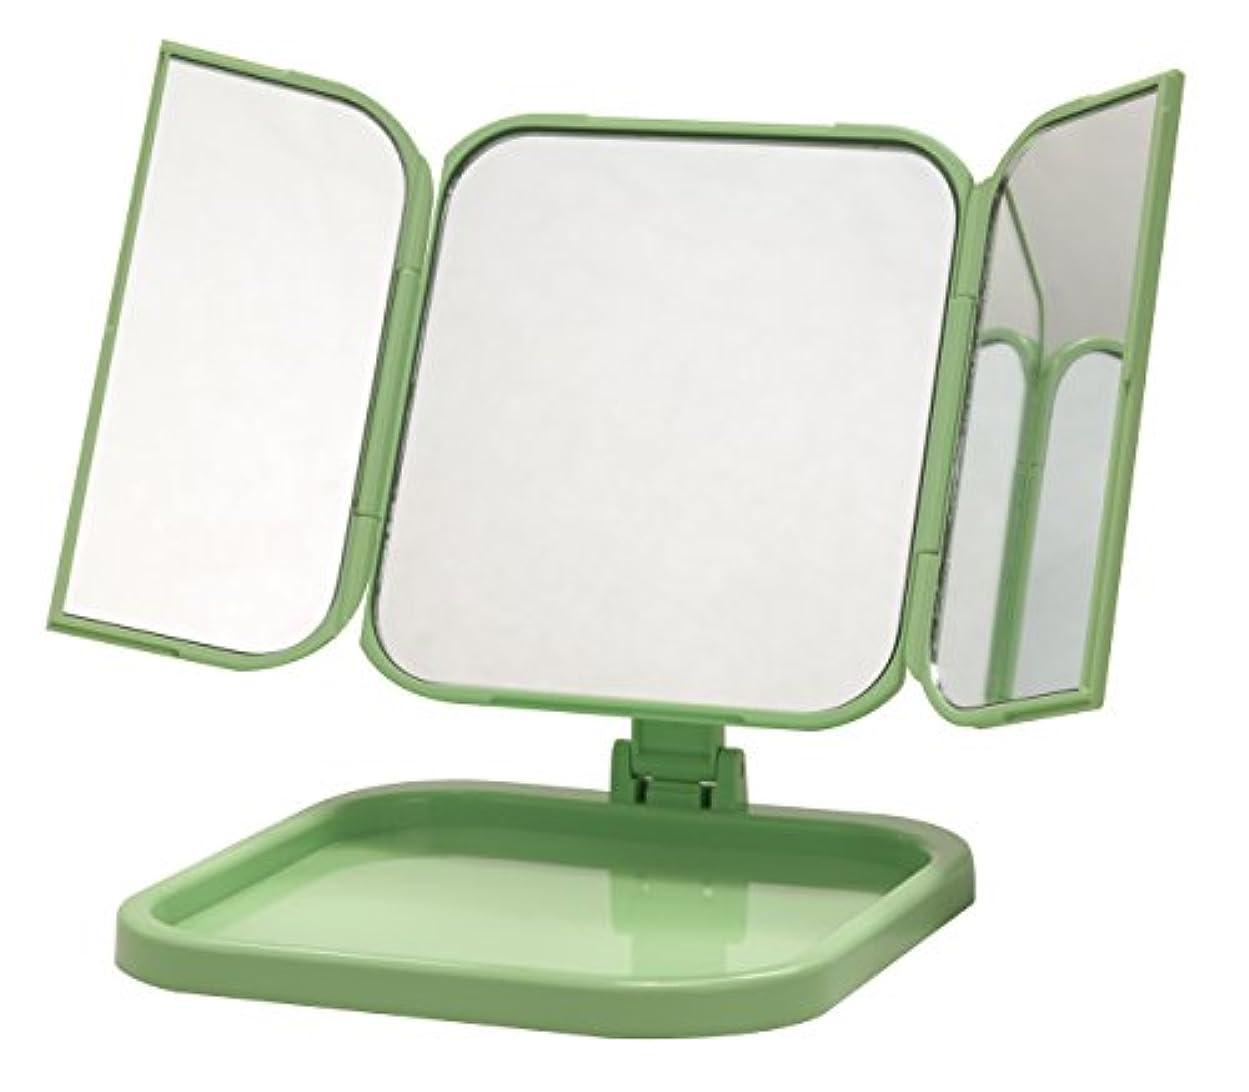 征服ポイント高尚な永井興産 コンパクト三面鏡 WITH (ウィズ) パールグリーンNK-265